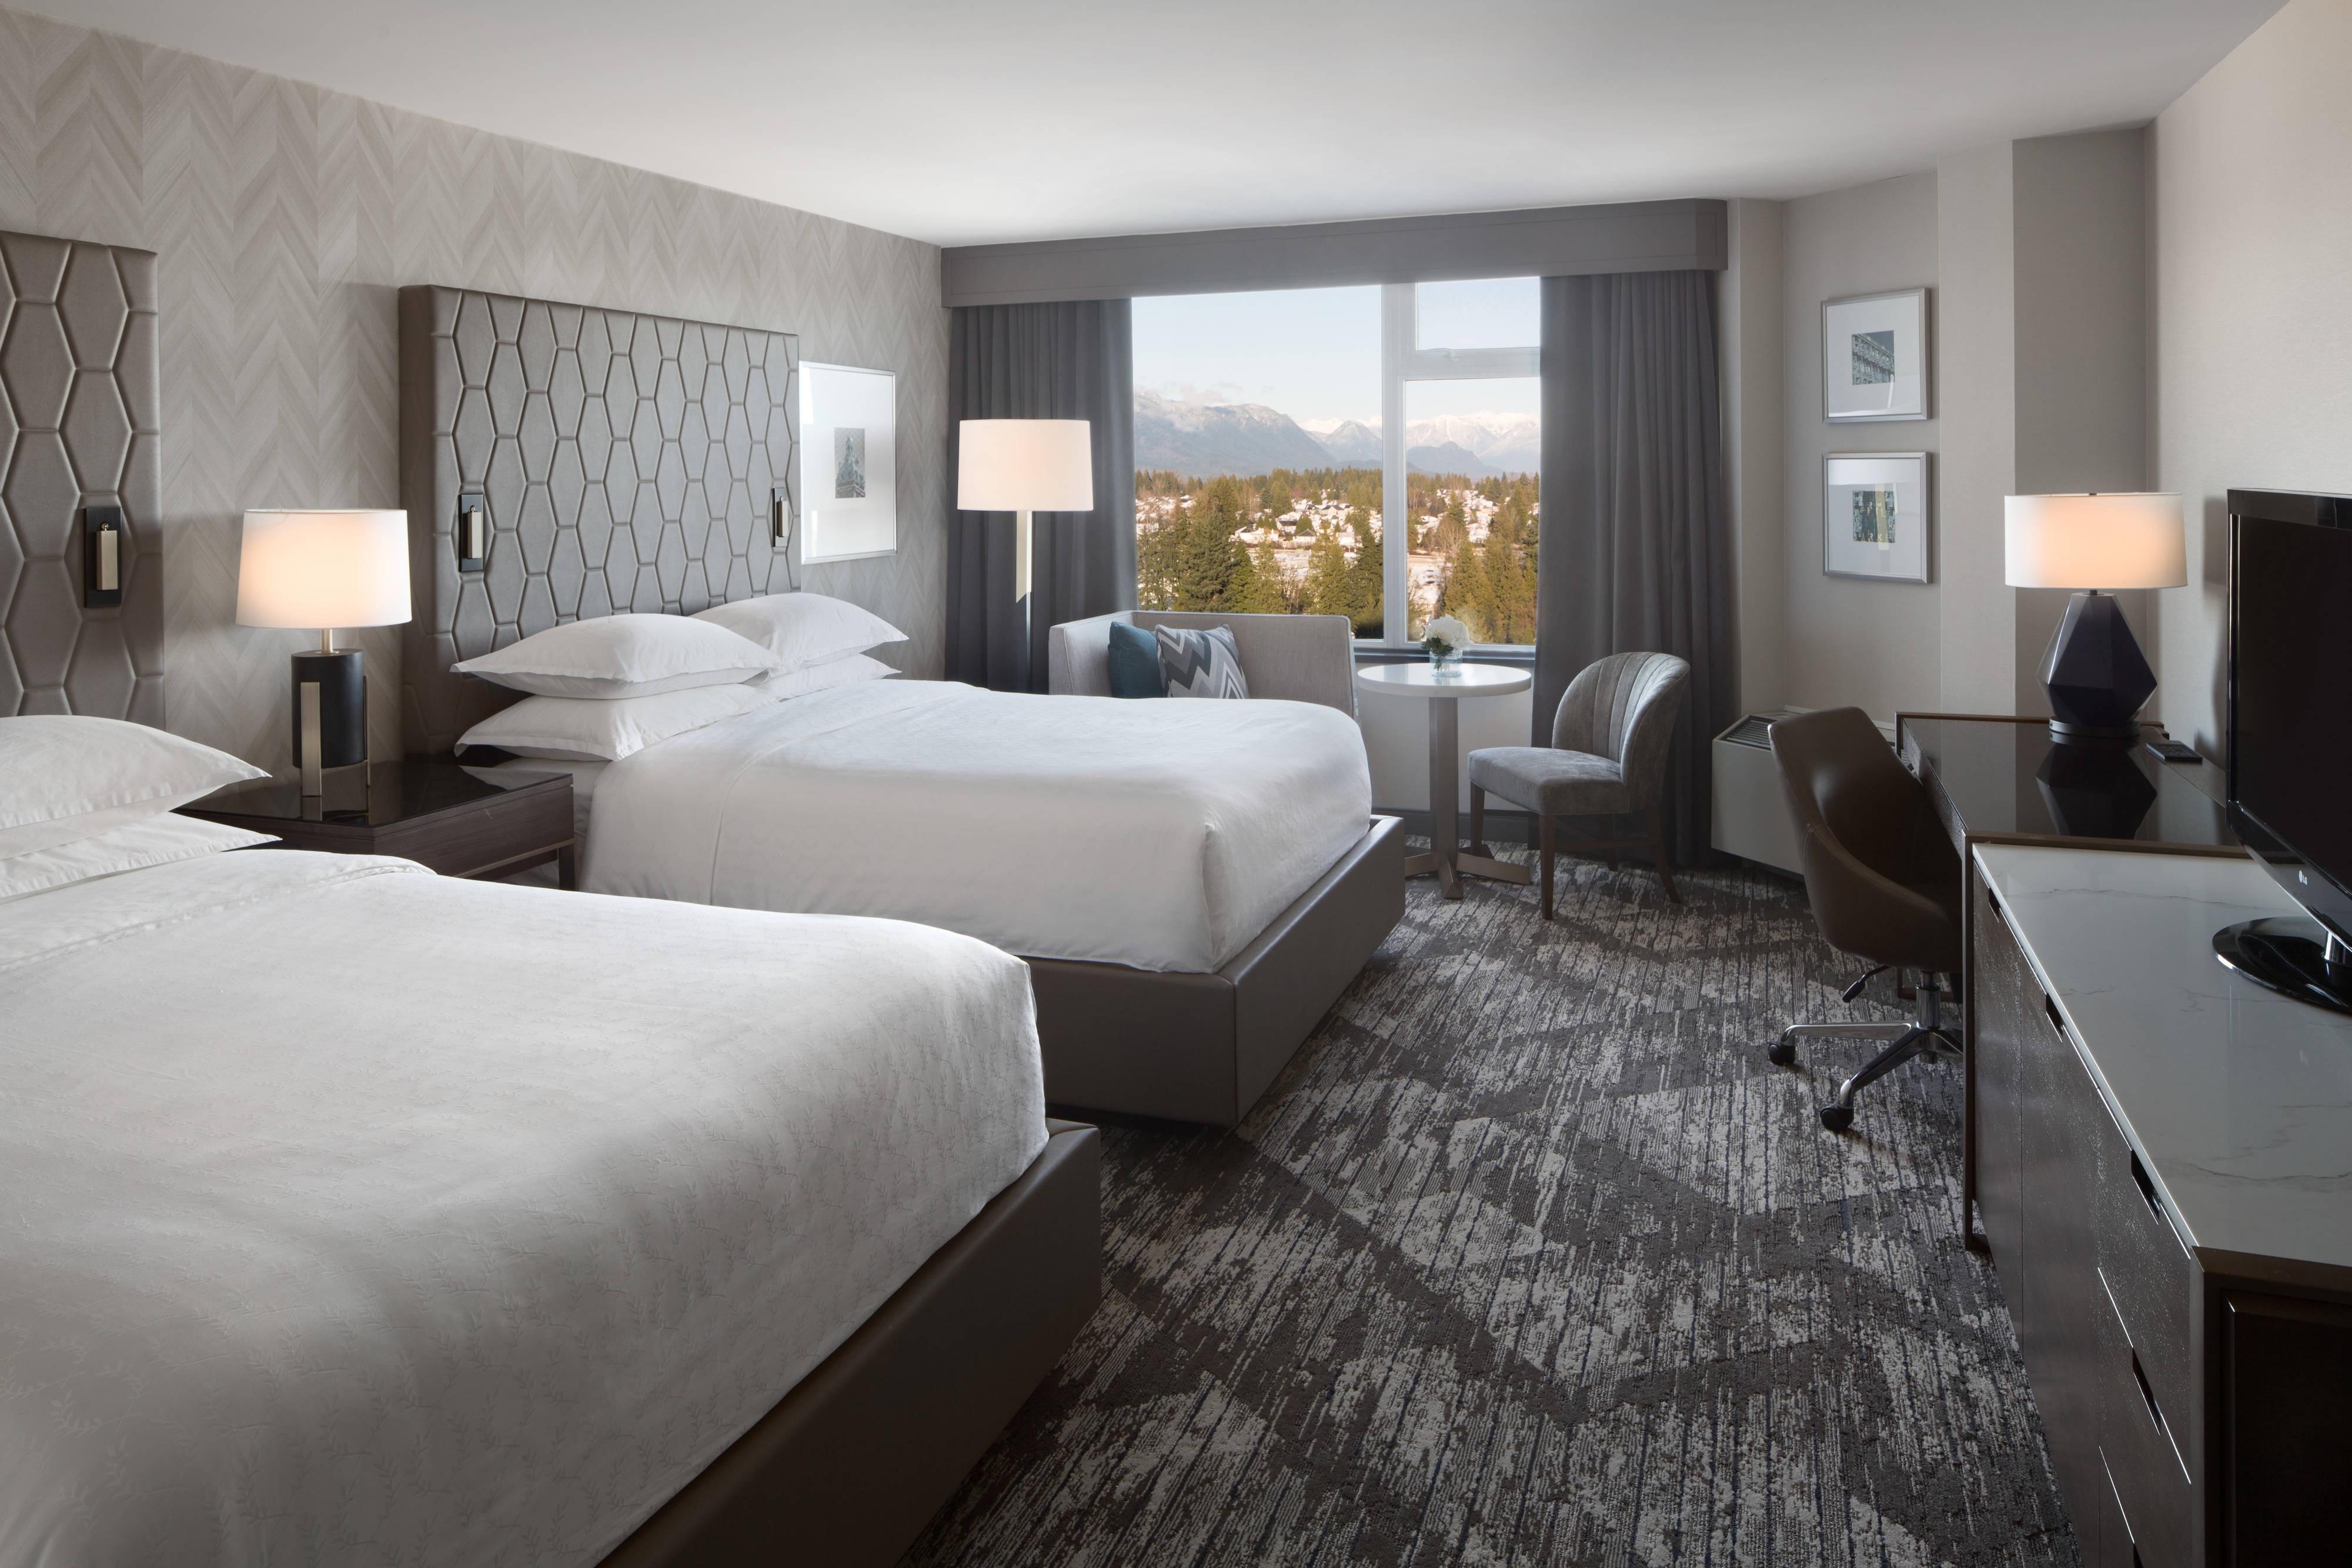 Queen/Queen Mountain View Guest Room